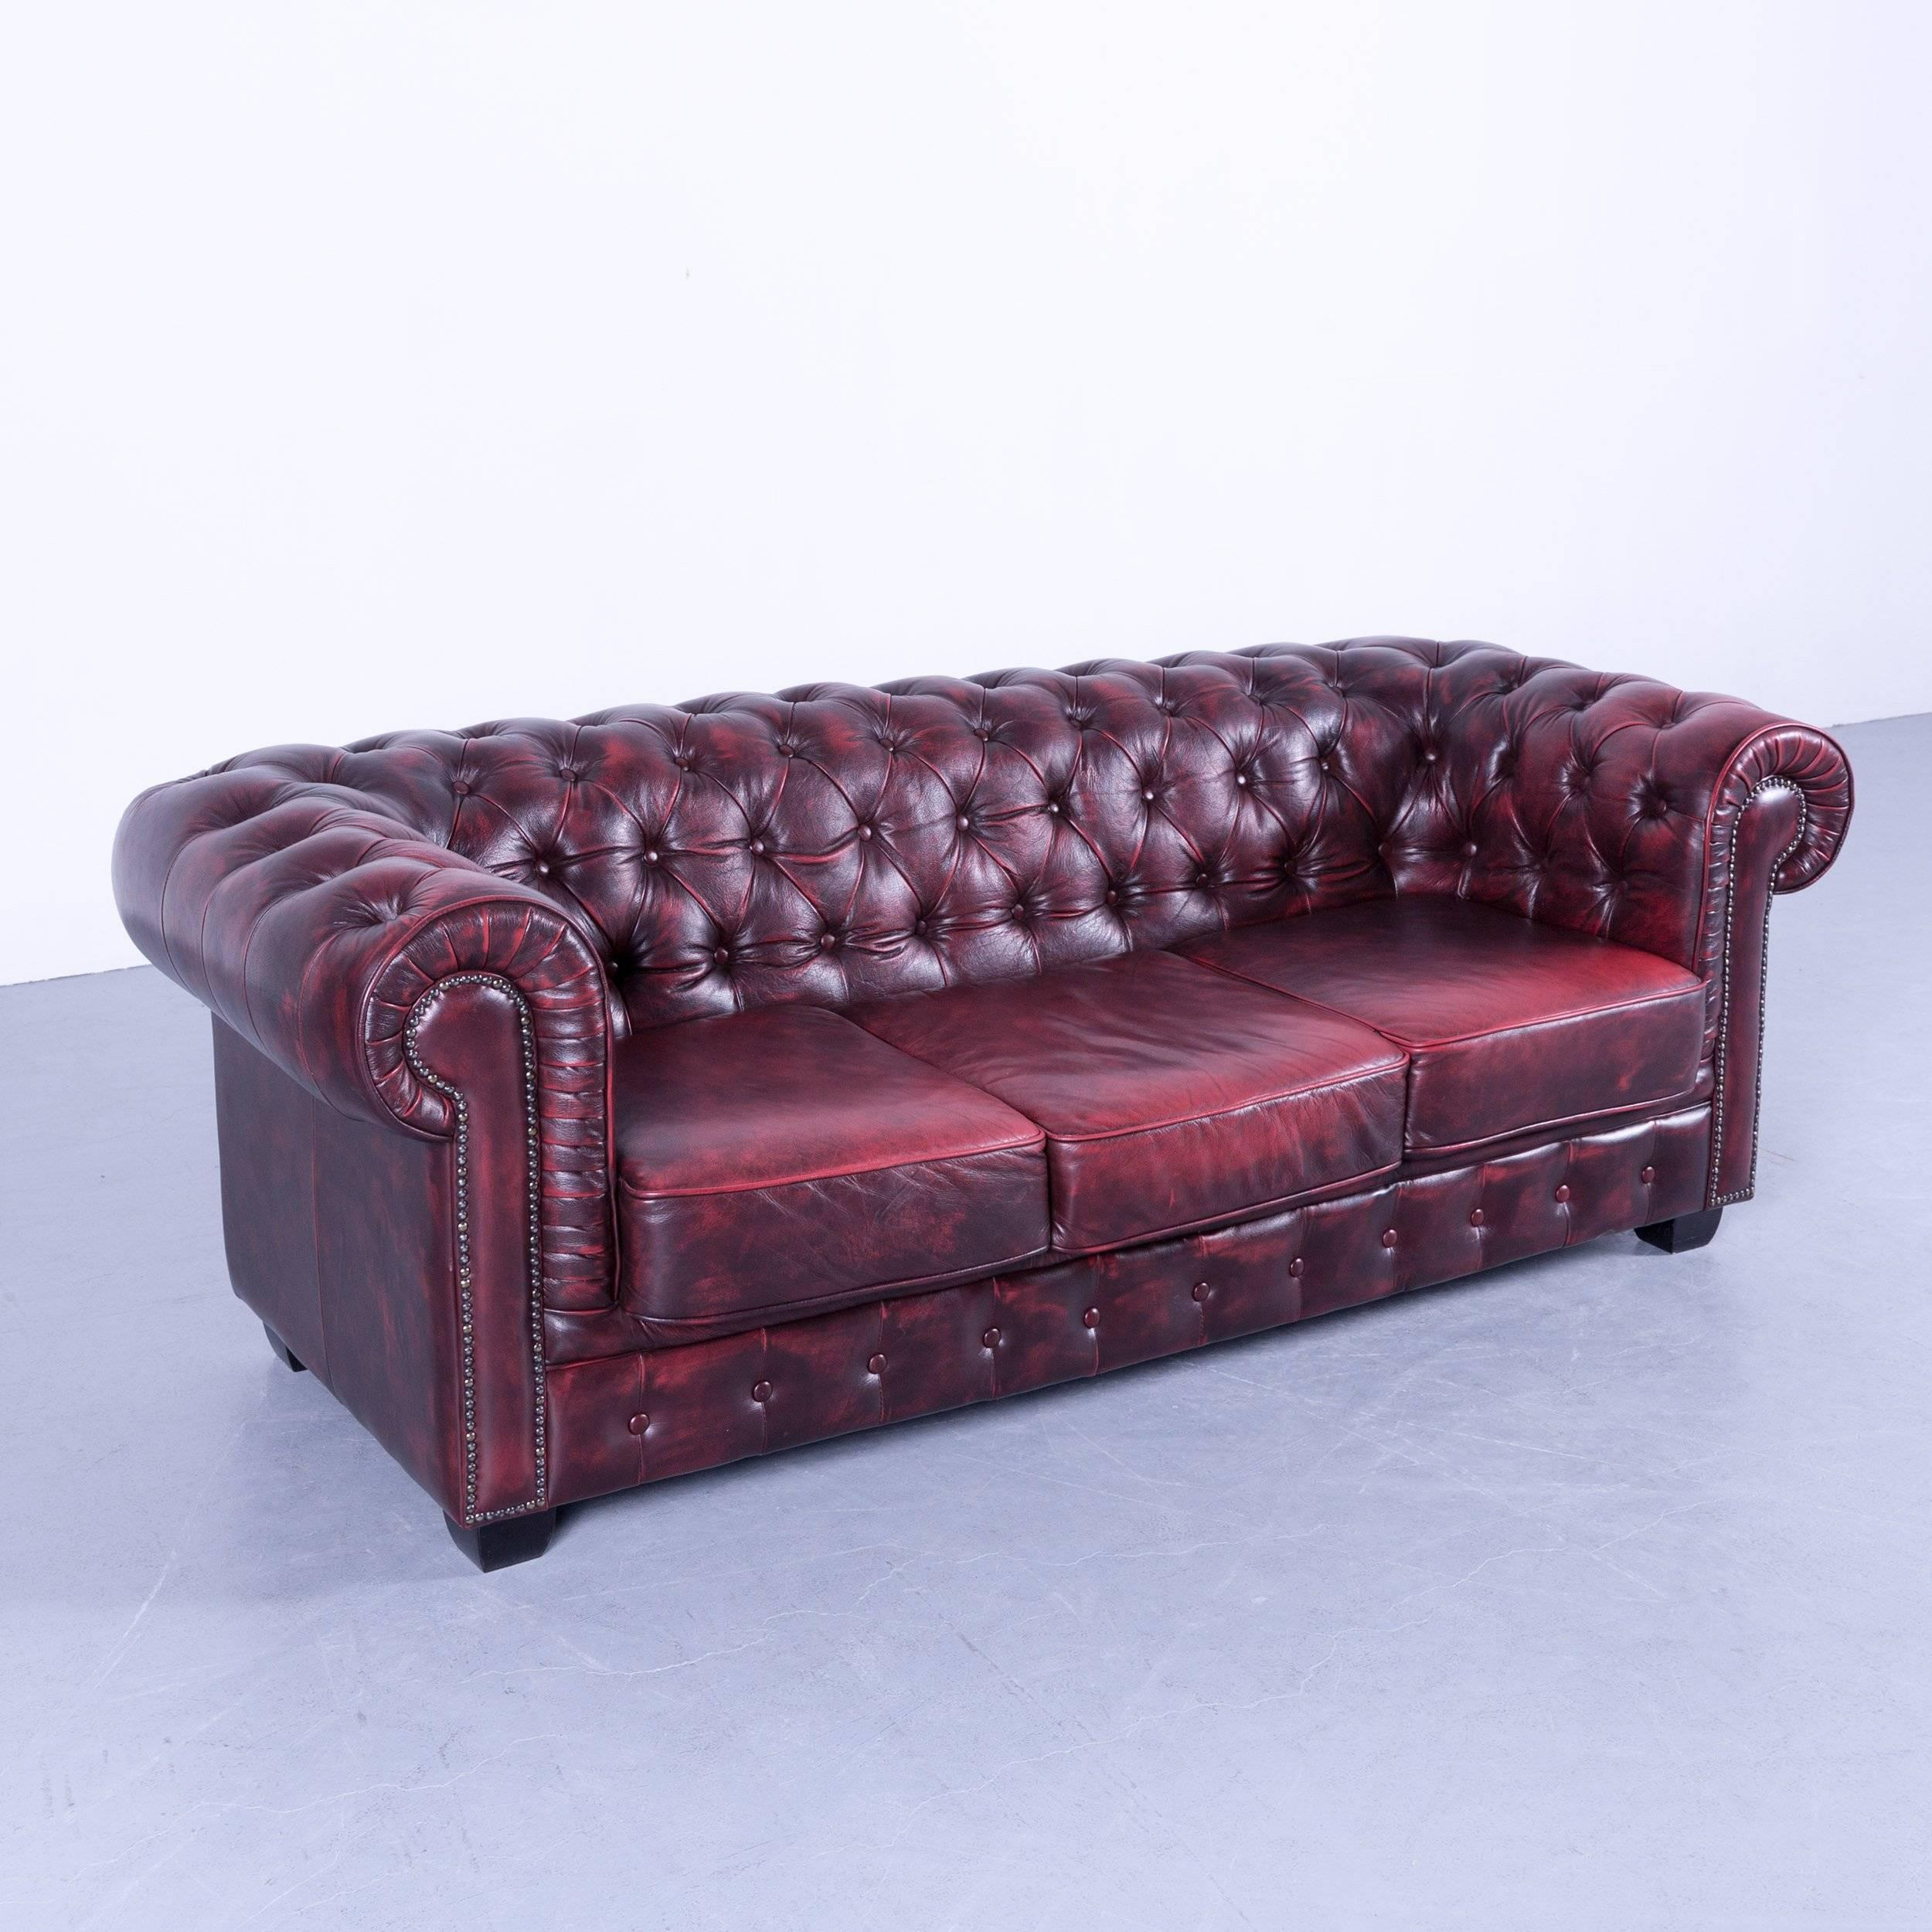 retro sessel grn amazing best loveseat sessel leder classic vintage leder mbel sissi with. Black Bedroom Furniture Sets. Home Design Ideas